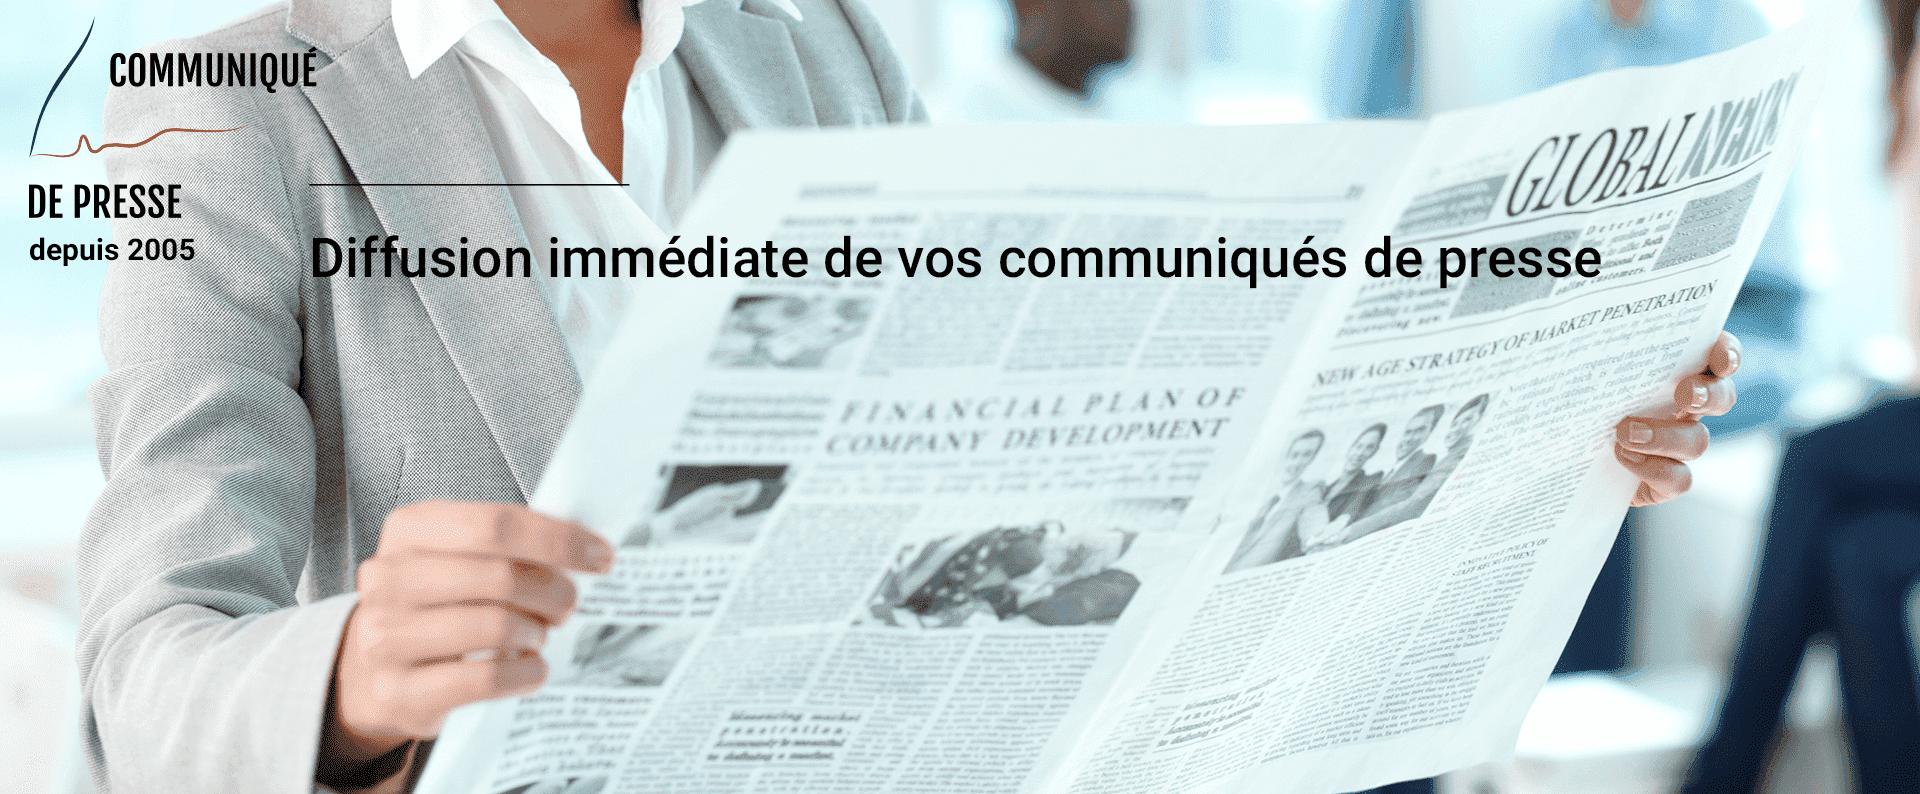 Communiqué de presse gratuit à diffuser